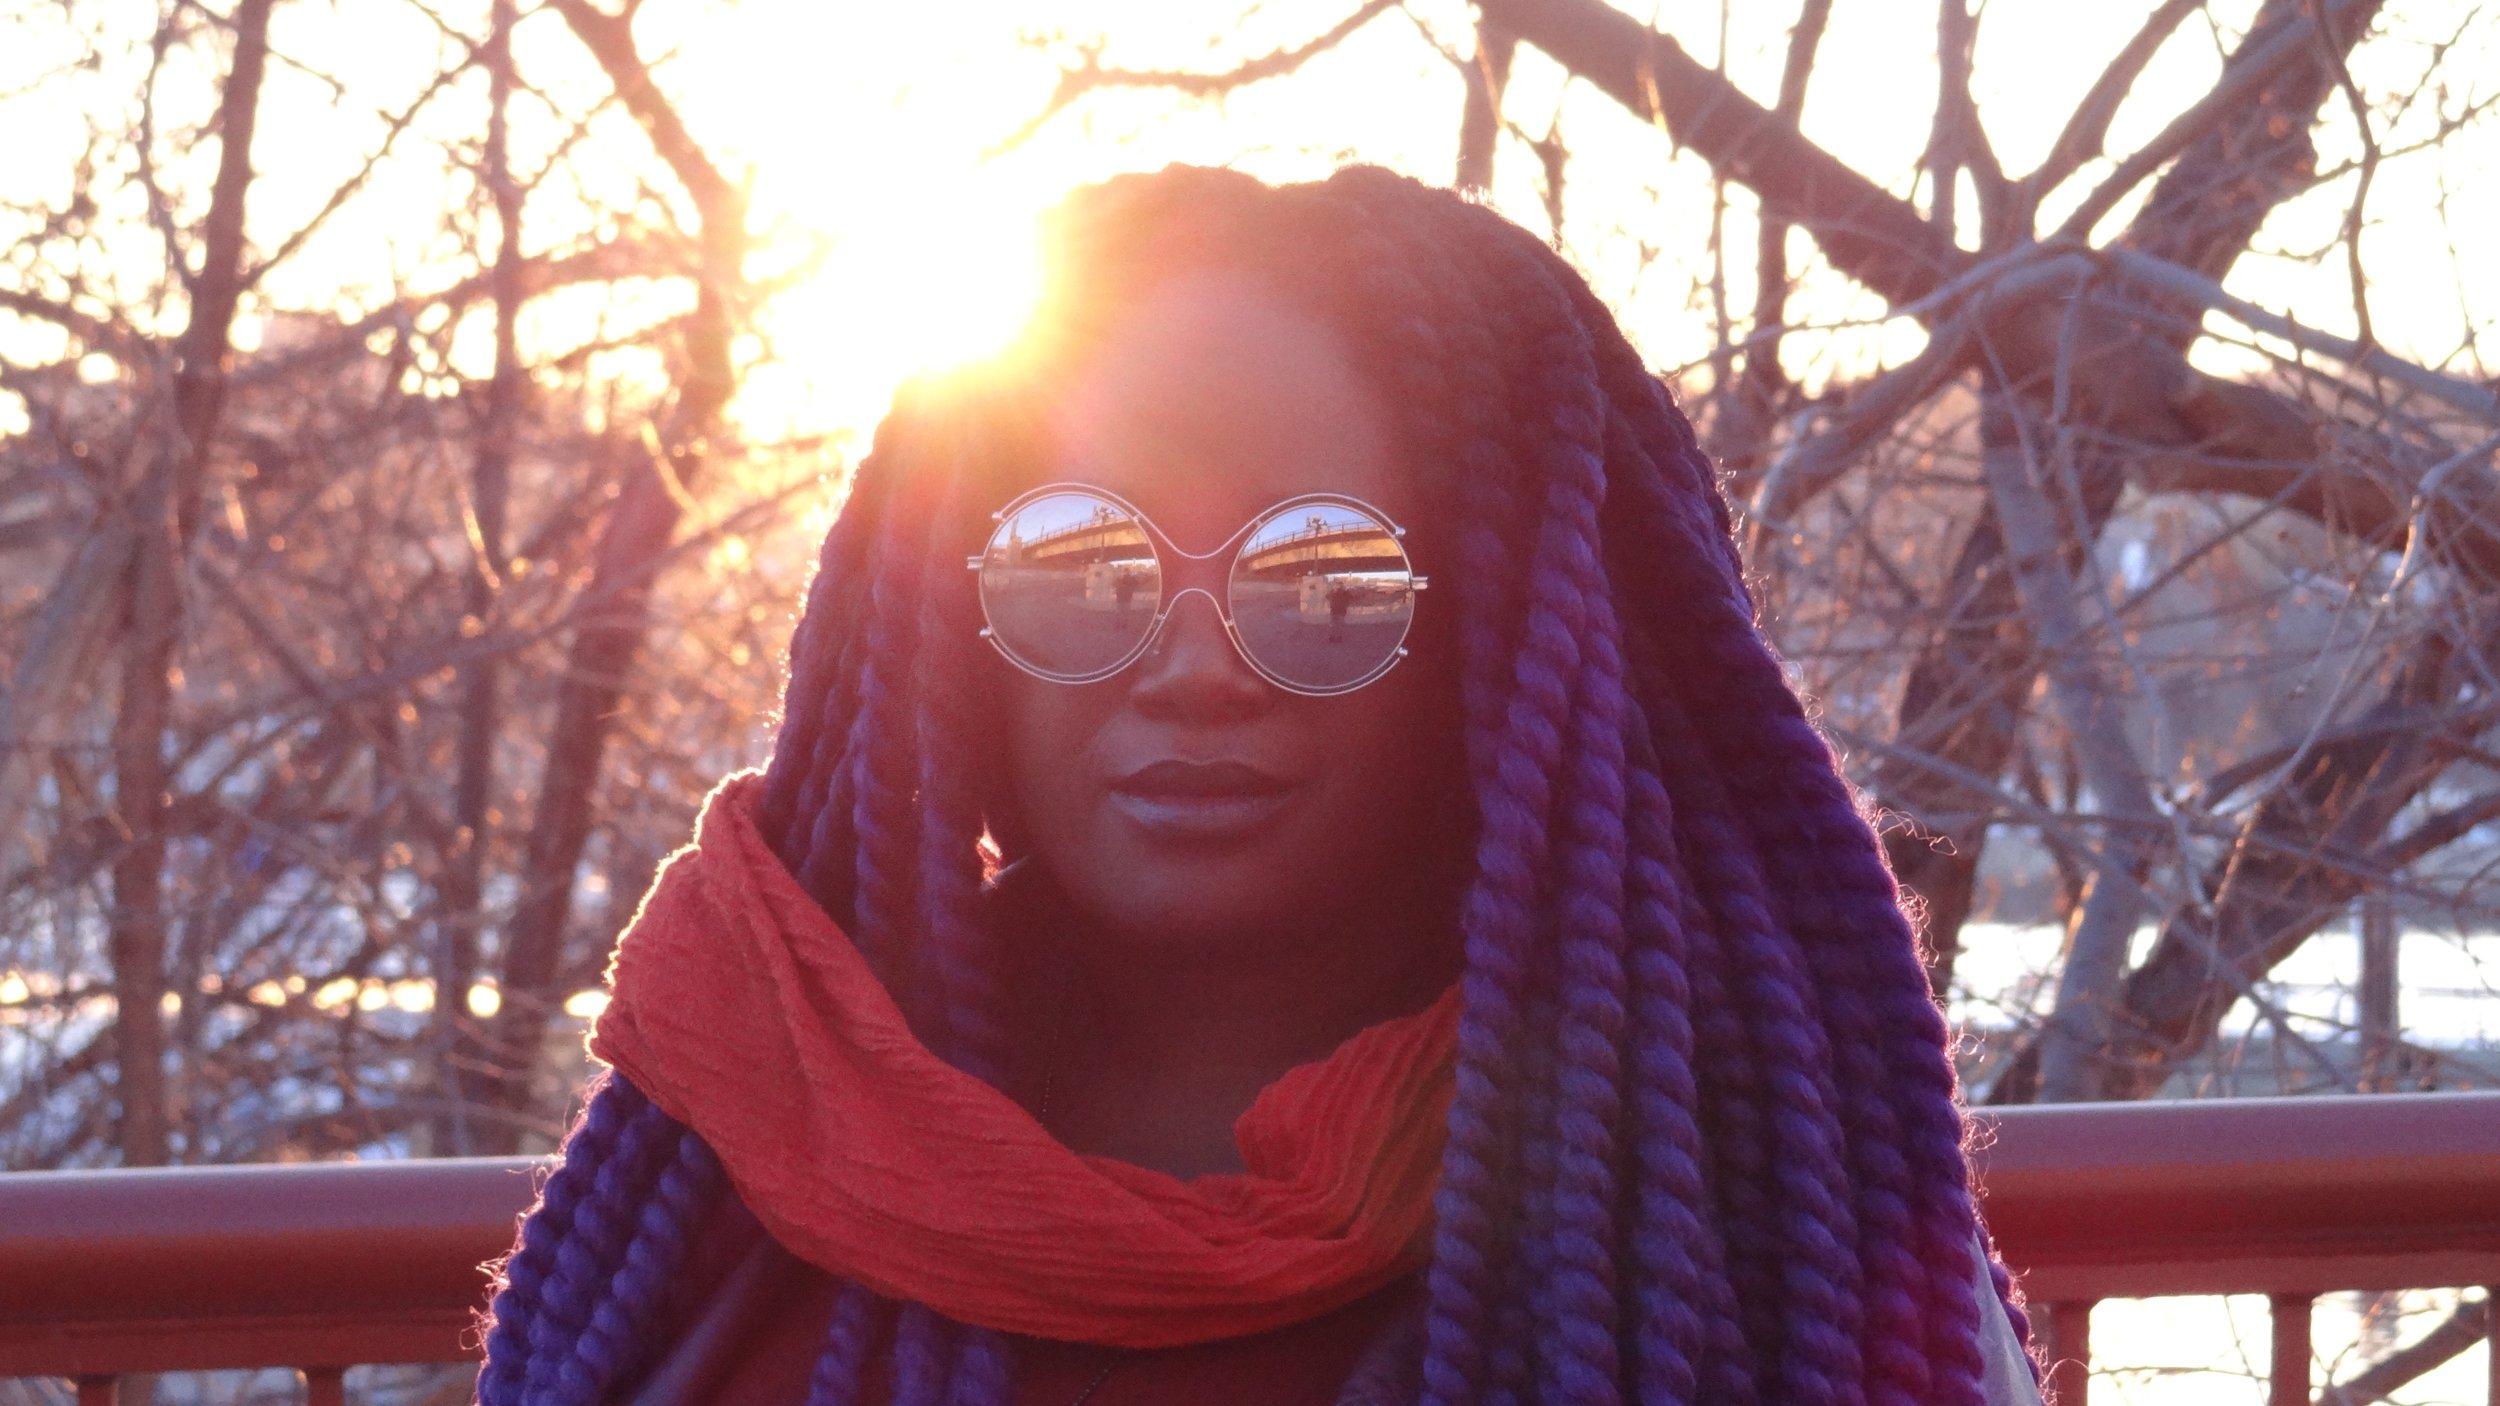 Kash in Sun on Bridge.jpg